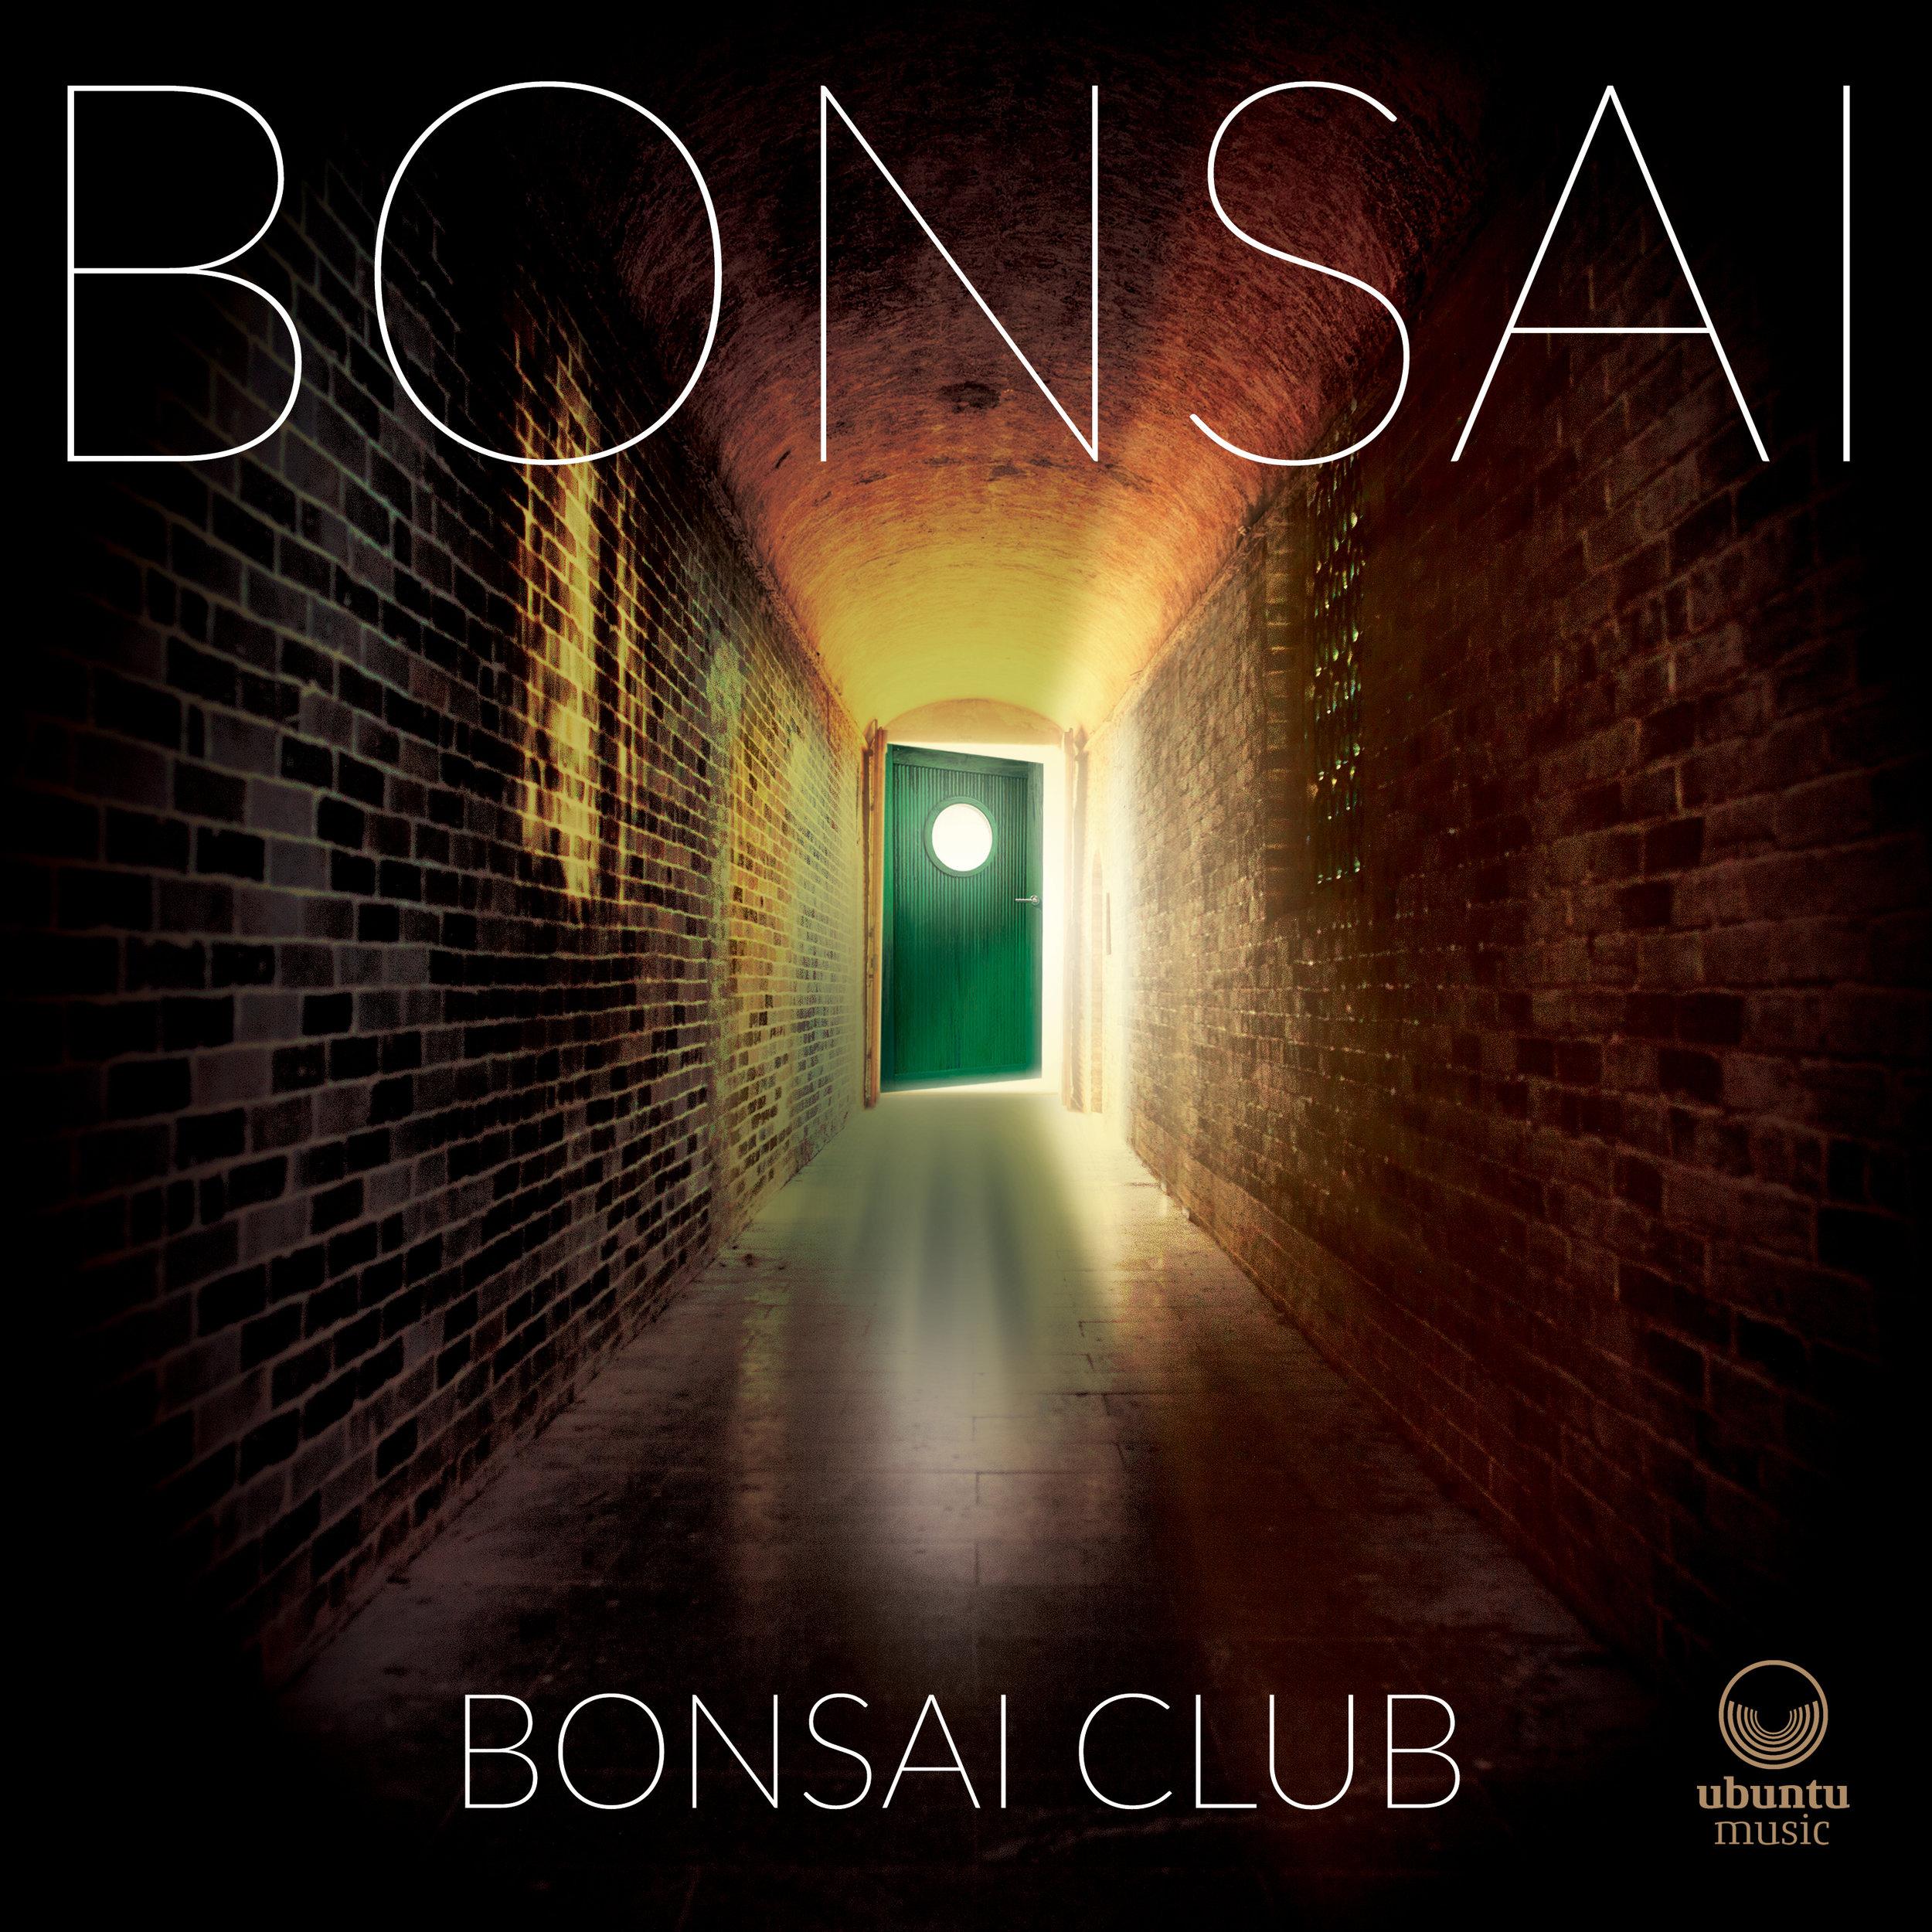 UBU0031_Bonsai_Bonsai Club_3000x3000_cov.jpg